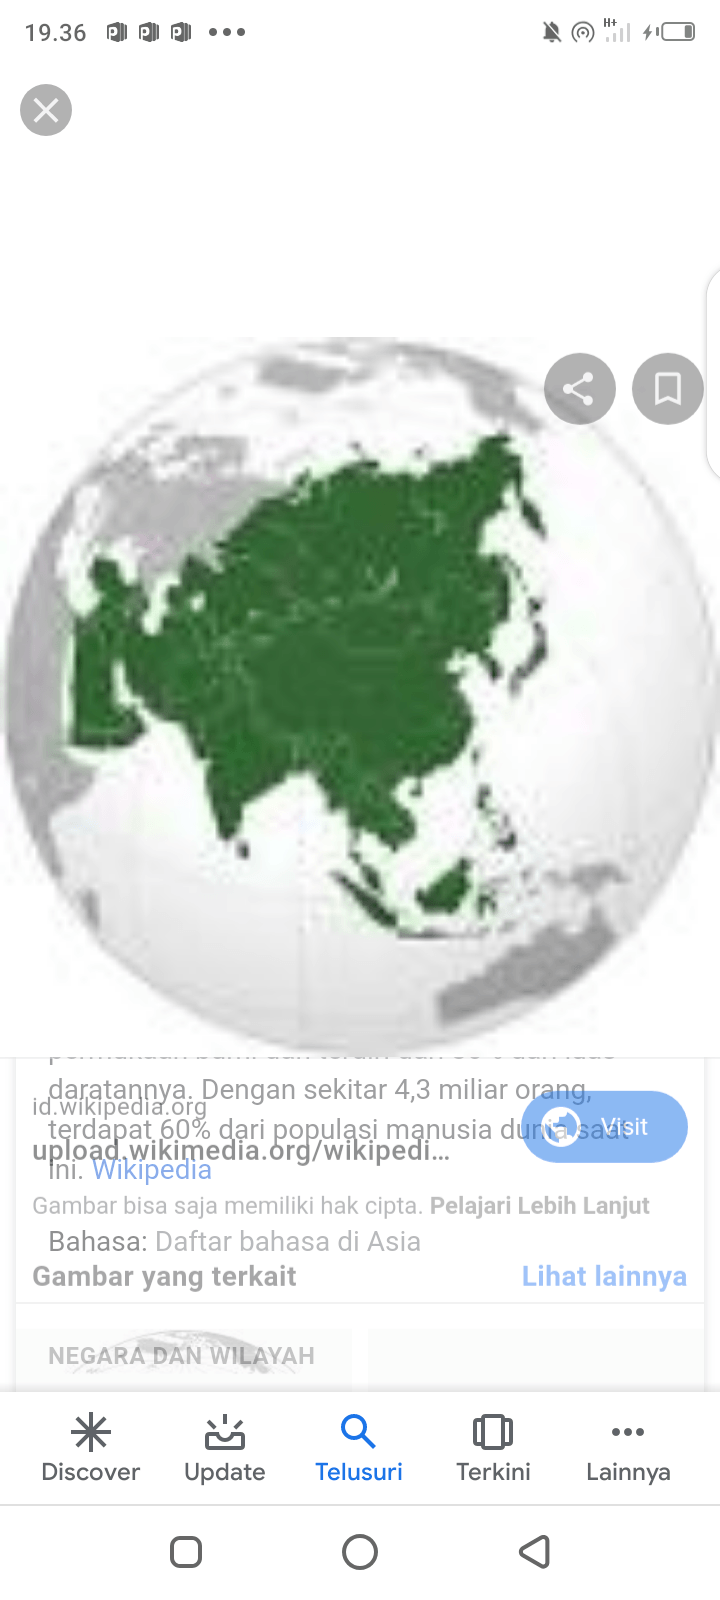 Posisi Geologi Di Jepang Yang Berada Pada Ring Of Fire Menyebabkan Wilayah Jepang : posisi, geologi, jepang, berada, menyebabkan, wilayah, Social, Studies, Quizizz